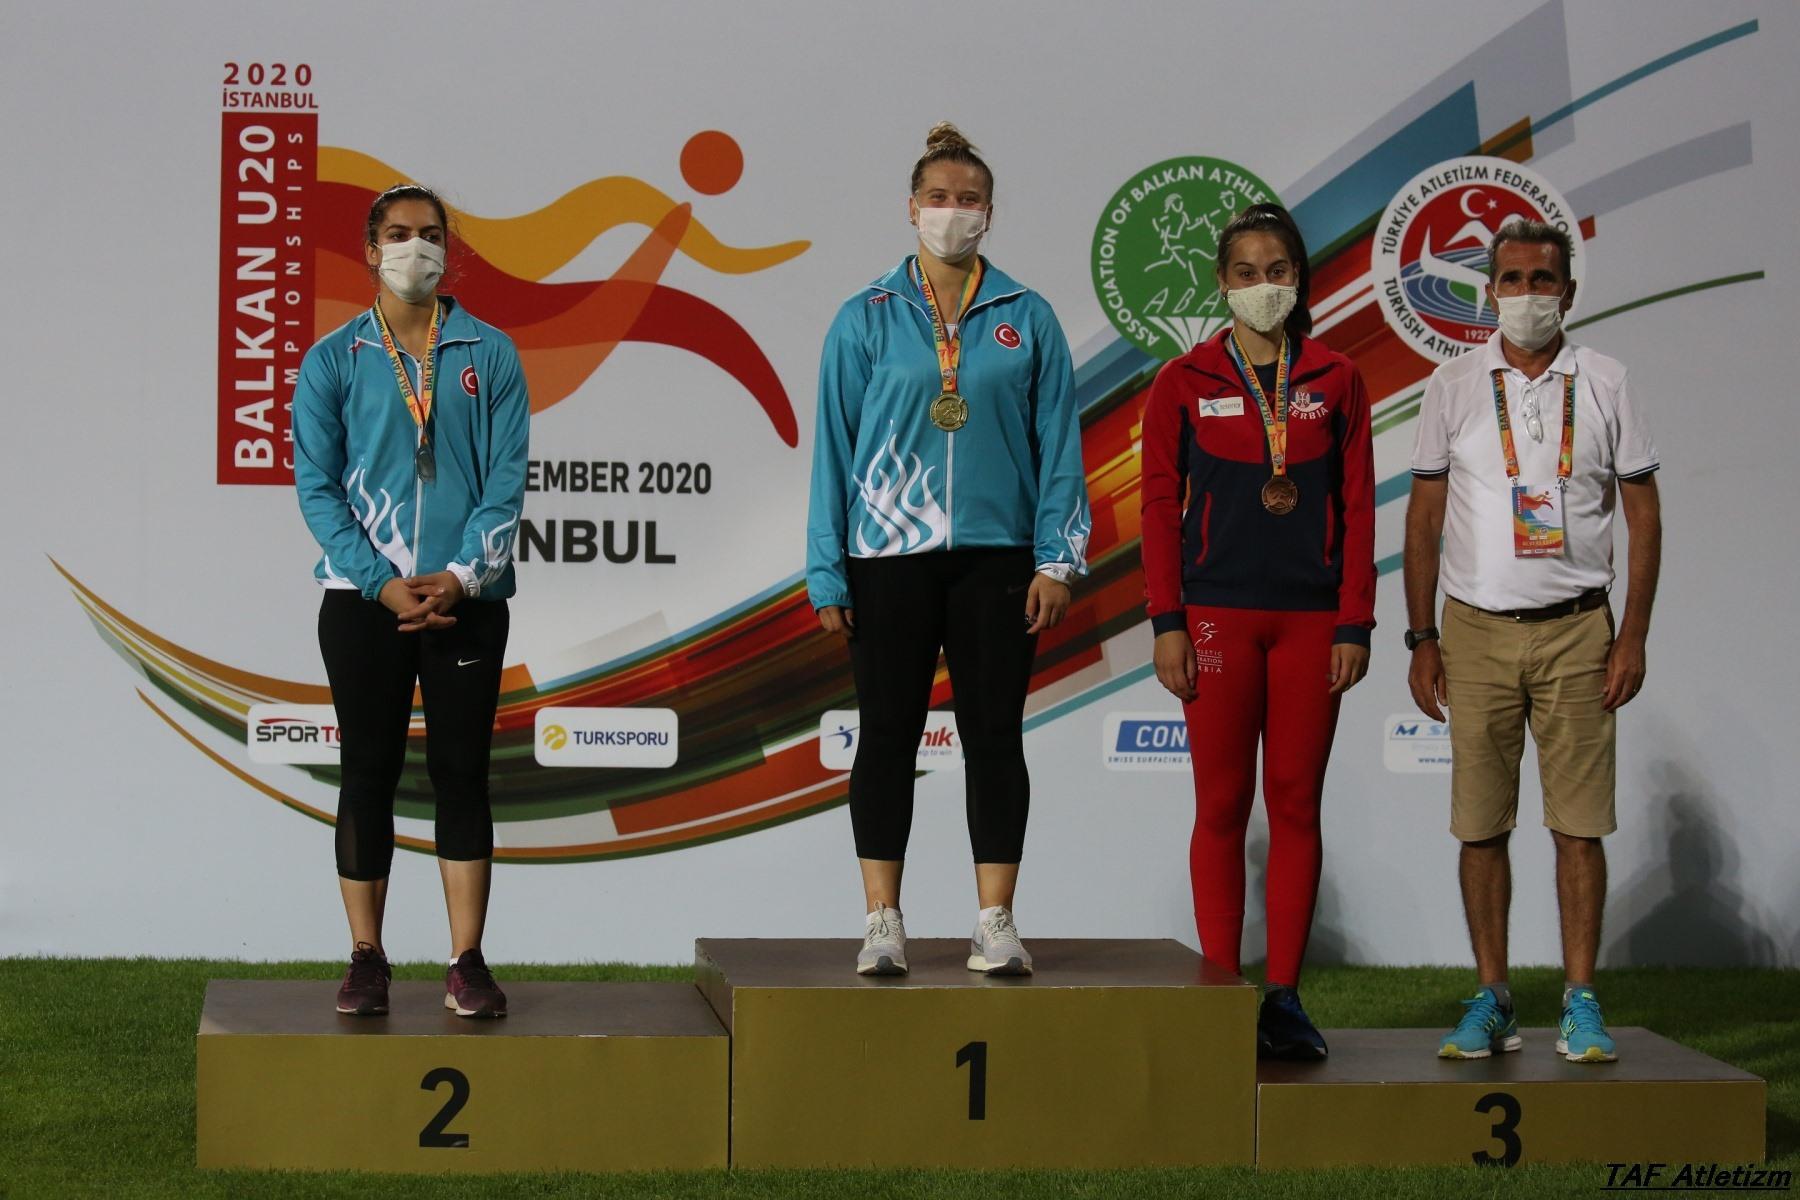 Adriana Vilagoš na postolju u20 Balkanijada 2020, bacanje koplje bronana medalja